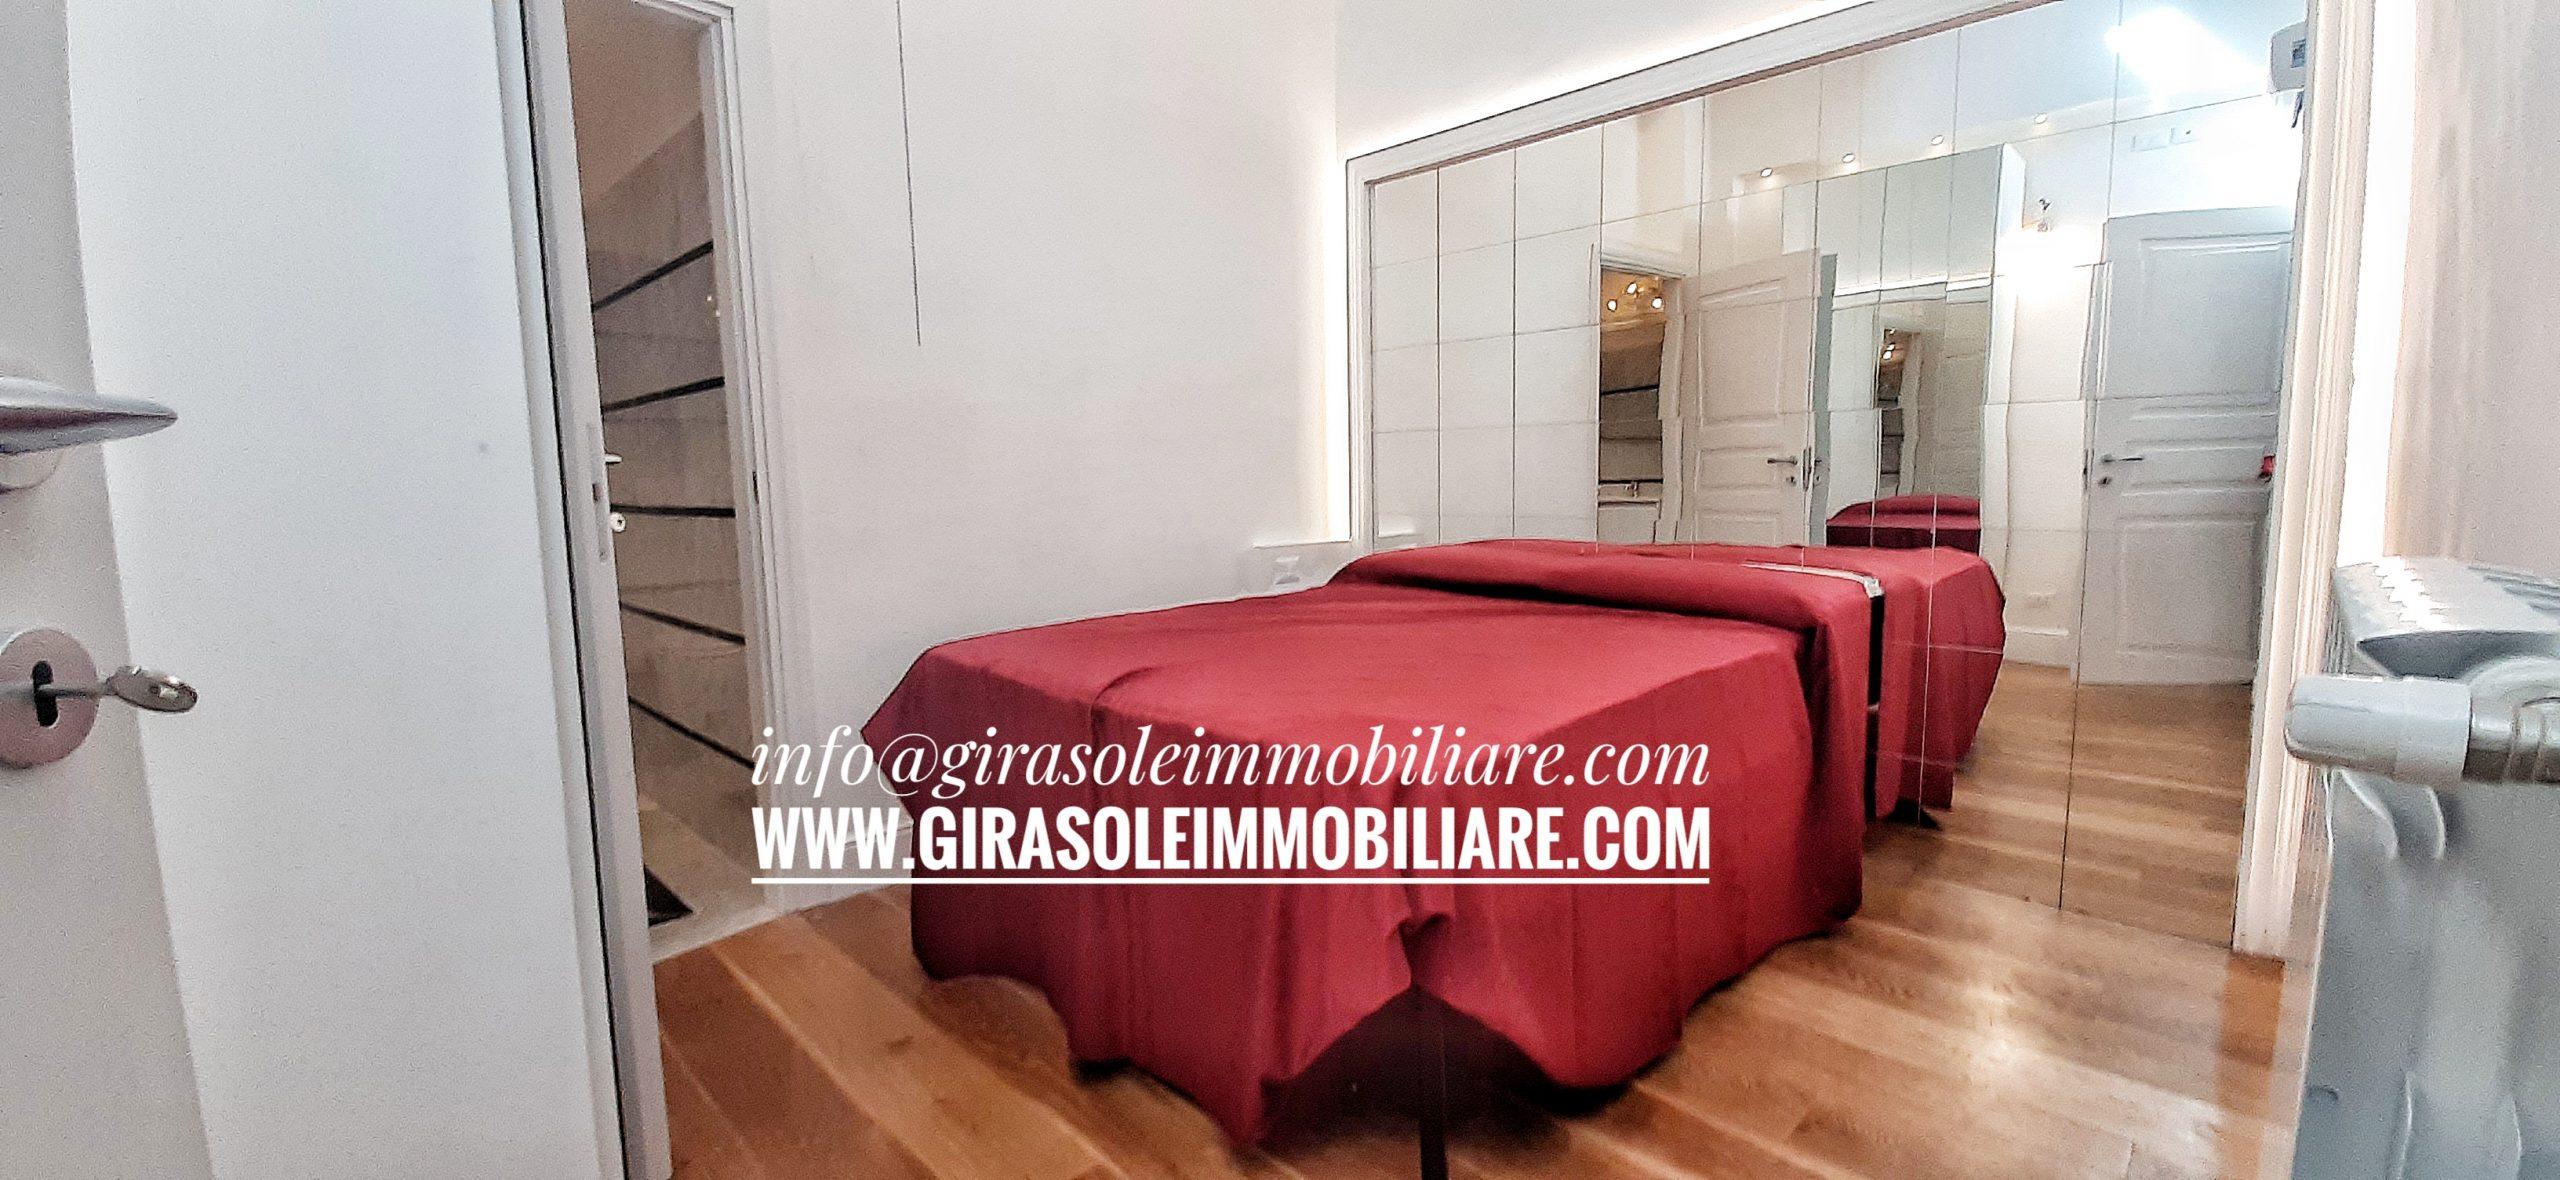 Firenze Centro Storico Casa Nuova Con Soppalco Girasole Di Toscana